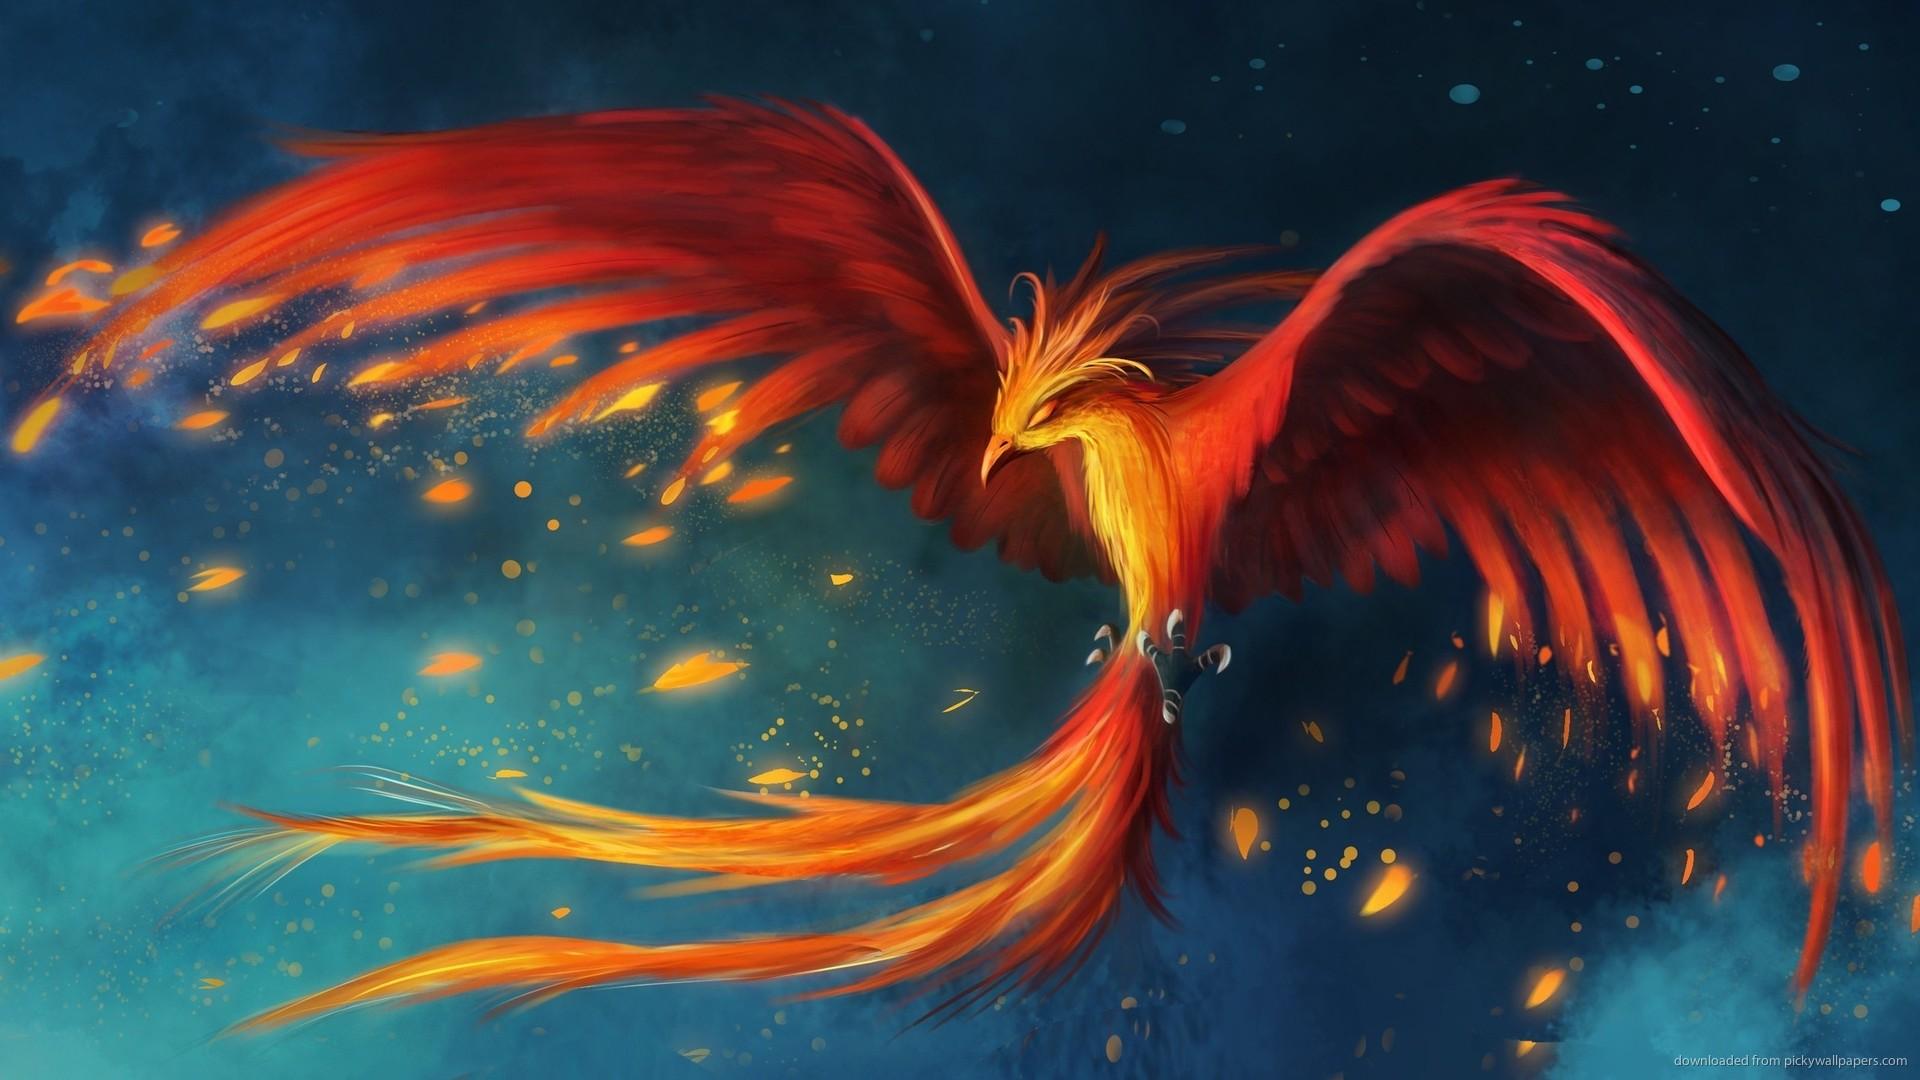 41] Phoenix Bird HD Wallpaper on WallpaperSafari 1920x1080